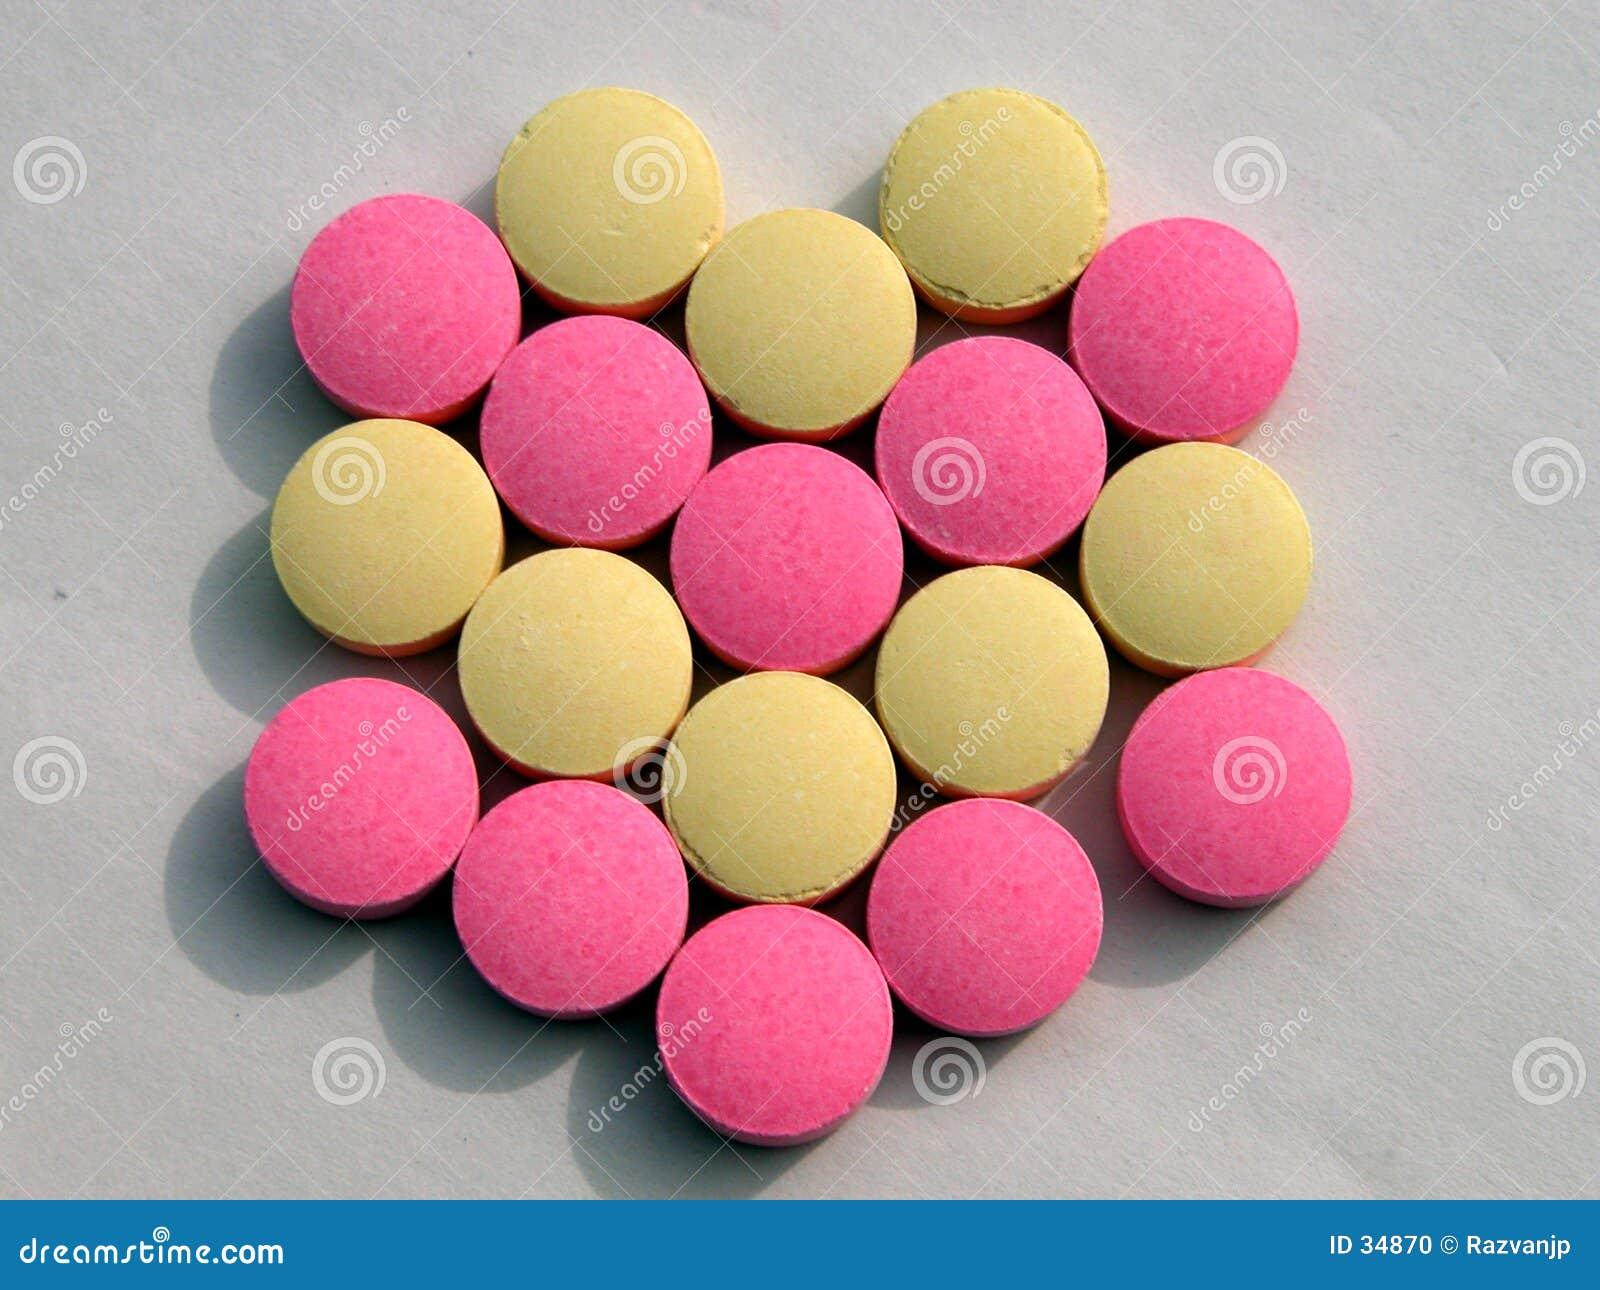 Pillsform v